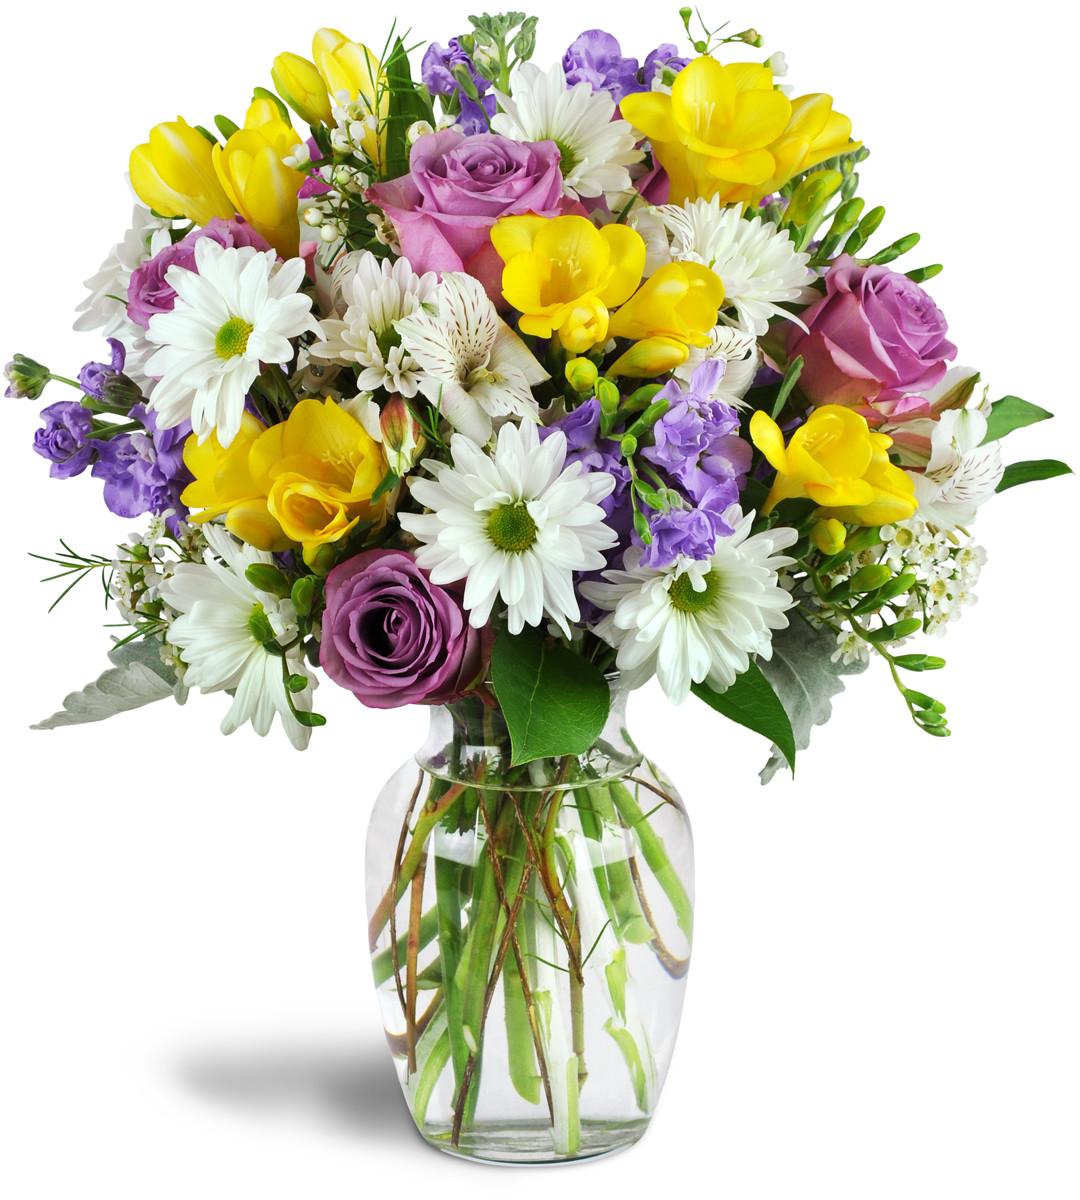 Sunshower Bouquet